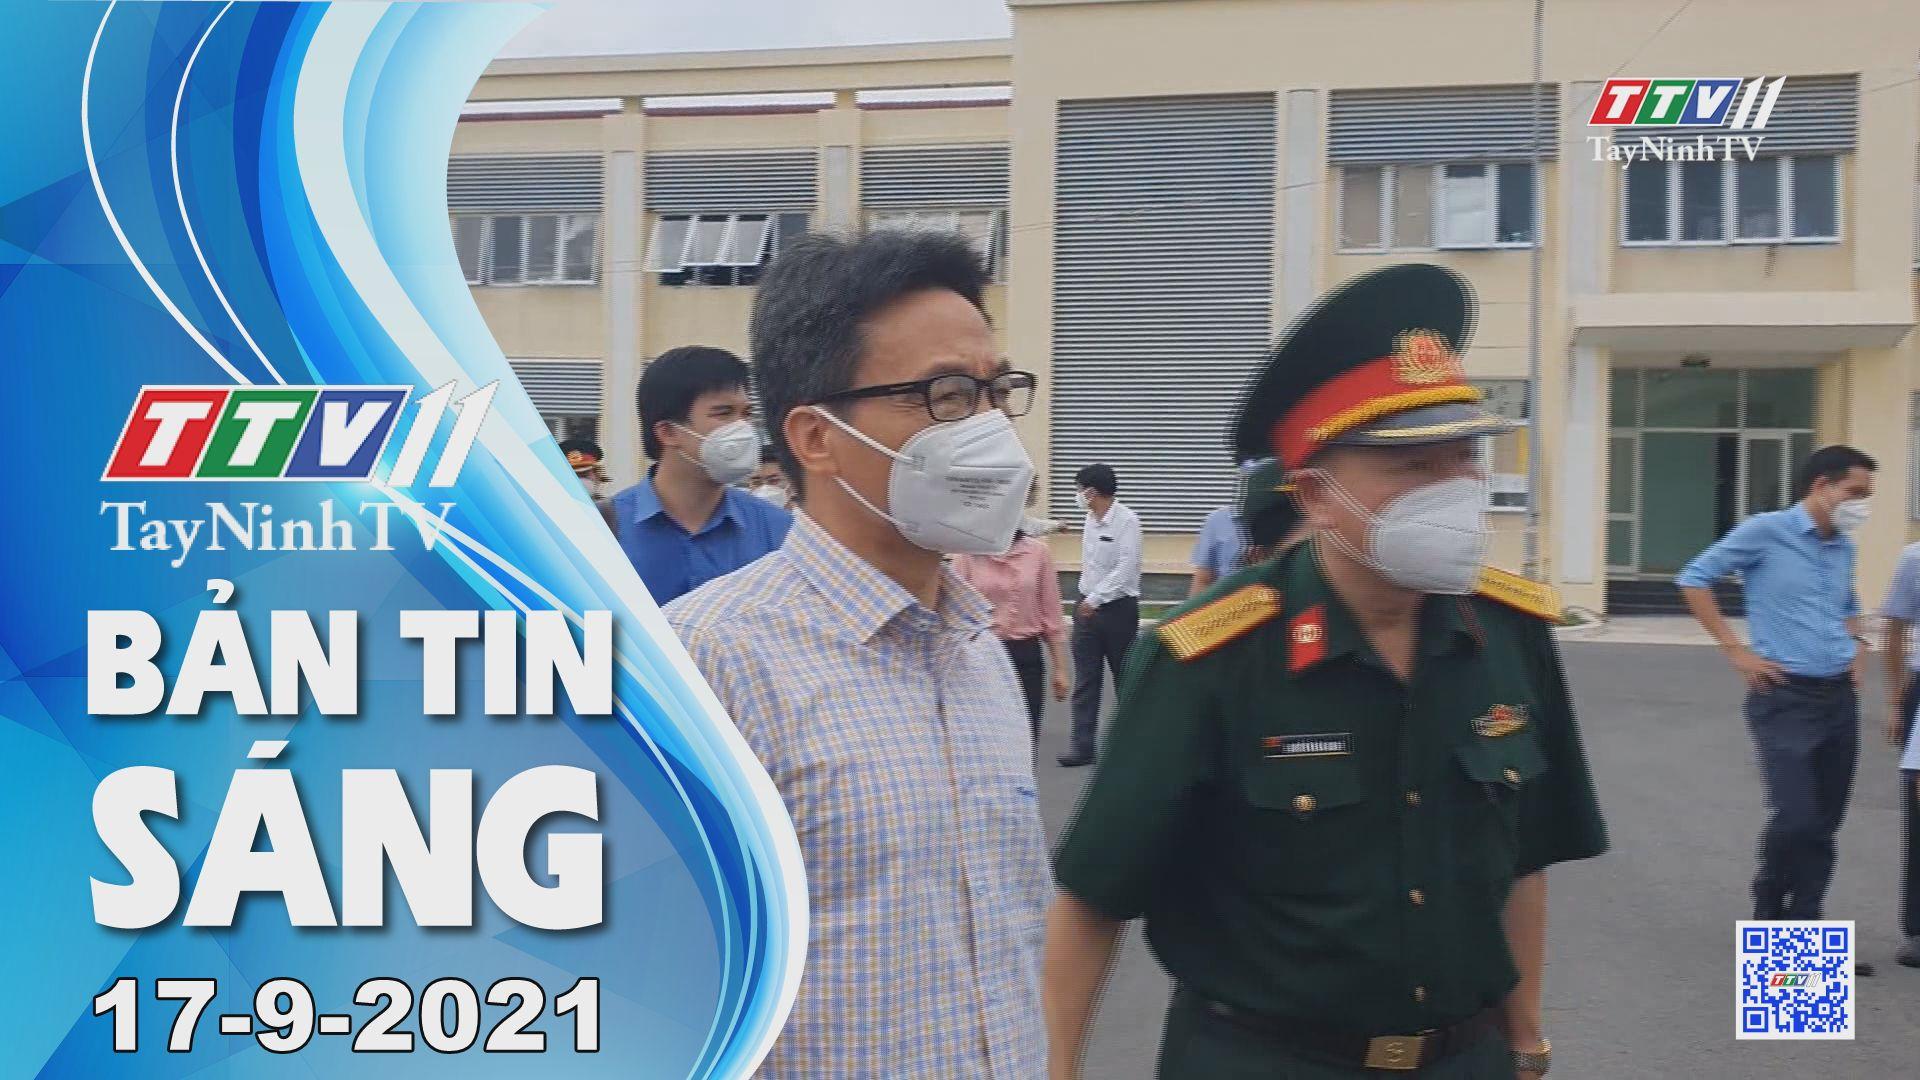 Bản tin sáng 17-9-2021 | Tin tức hôm nay | TayNinhTV